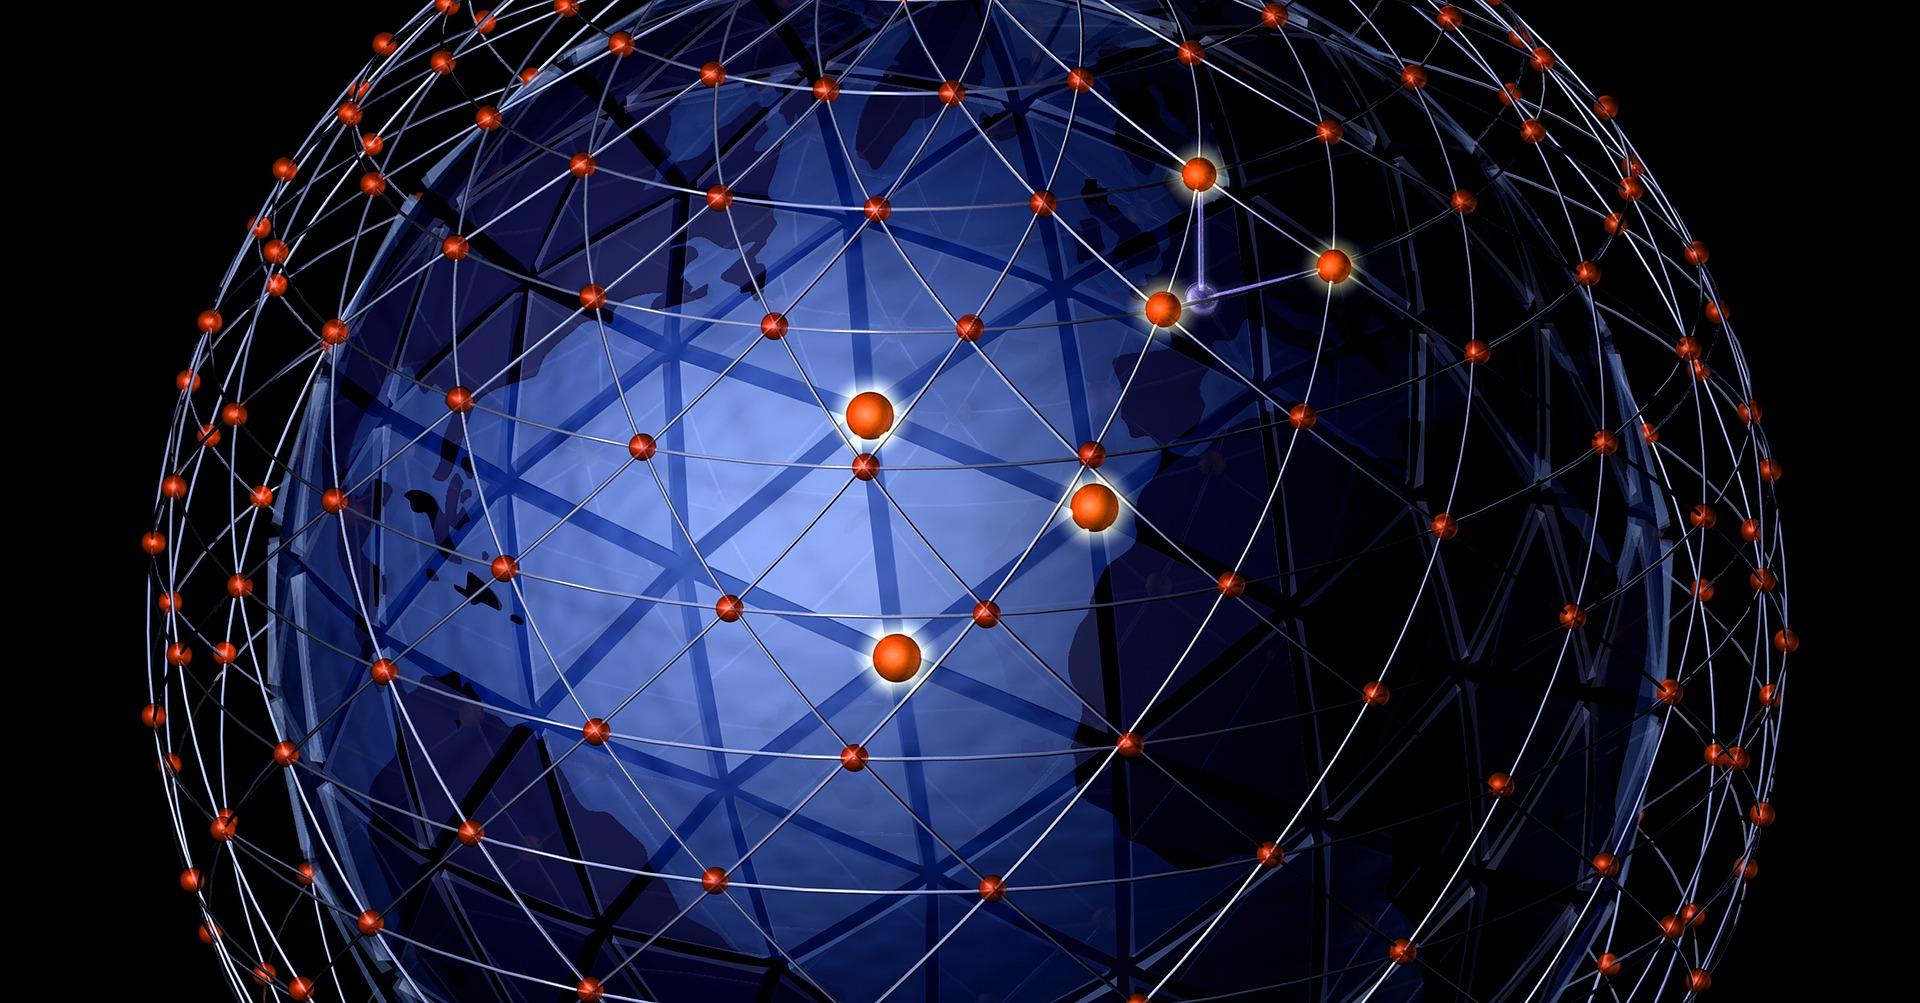 triangulation-1899947_1920-3.jpg